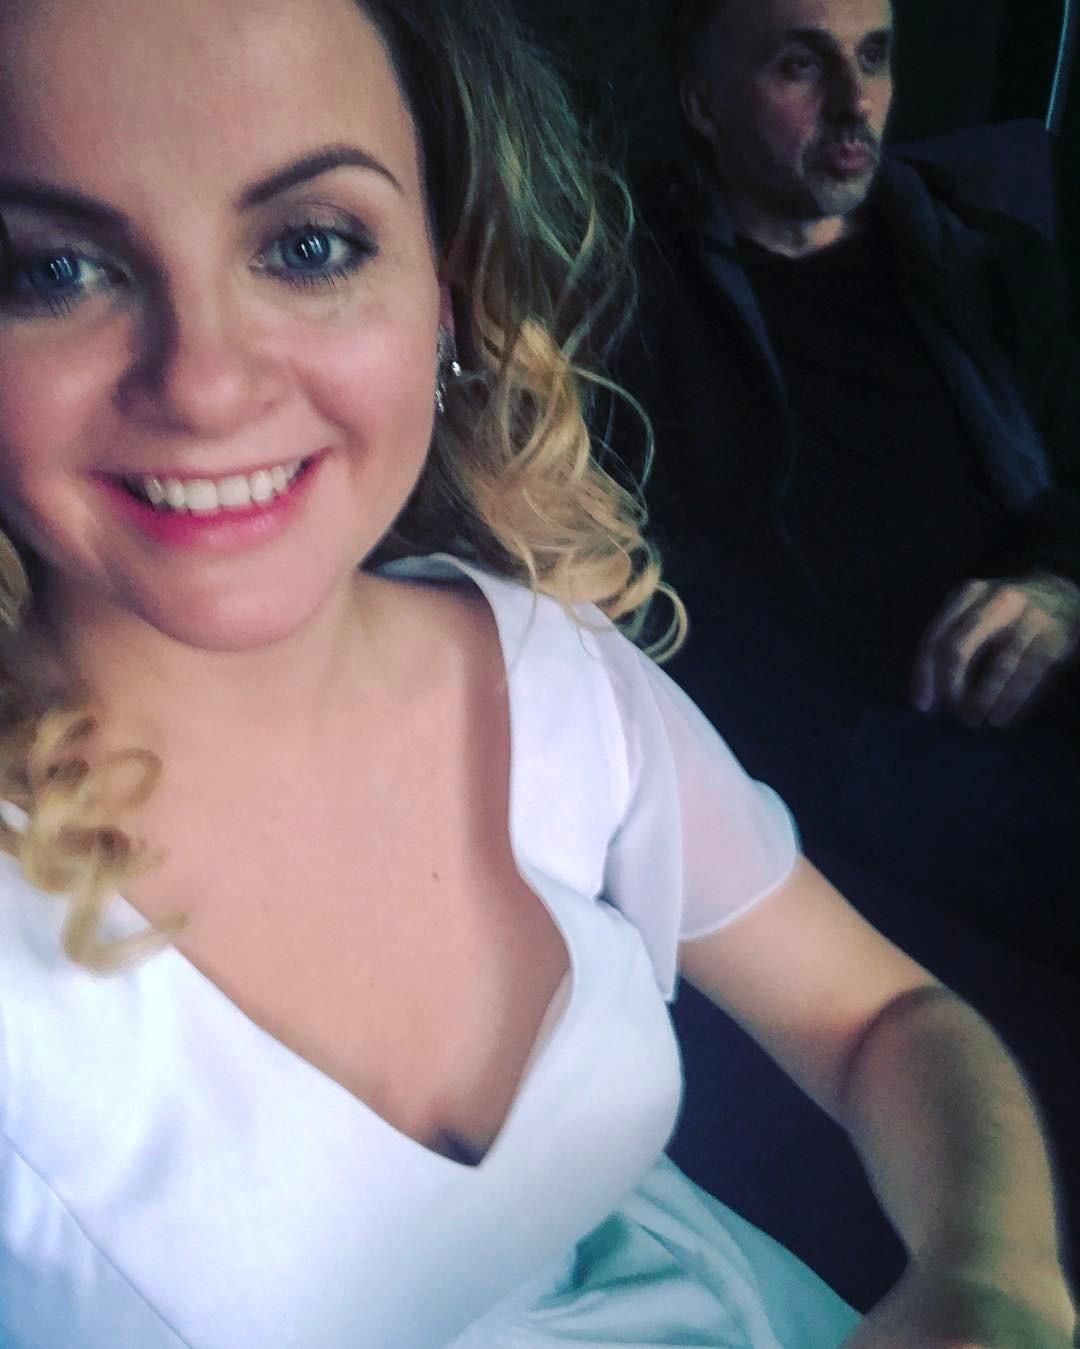 Юлия Проскурякова: Мы снова вместе   работа над клипом!!! с @ivandtv #режиссёриванкриворучко #клип #задоченьку #питер